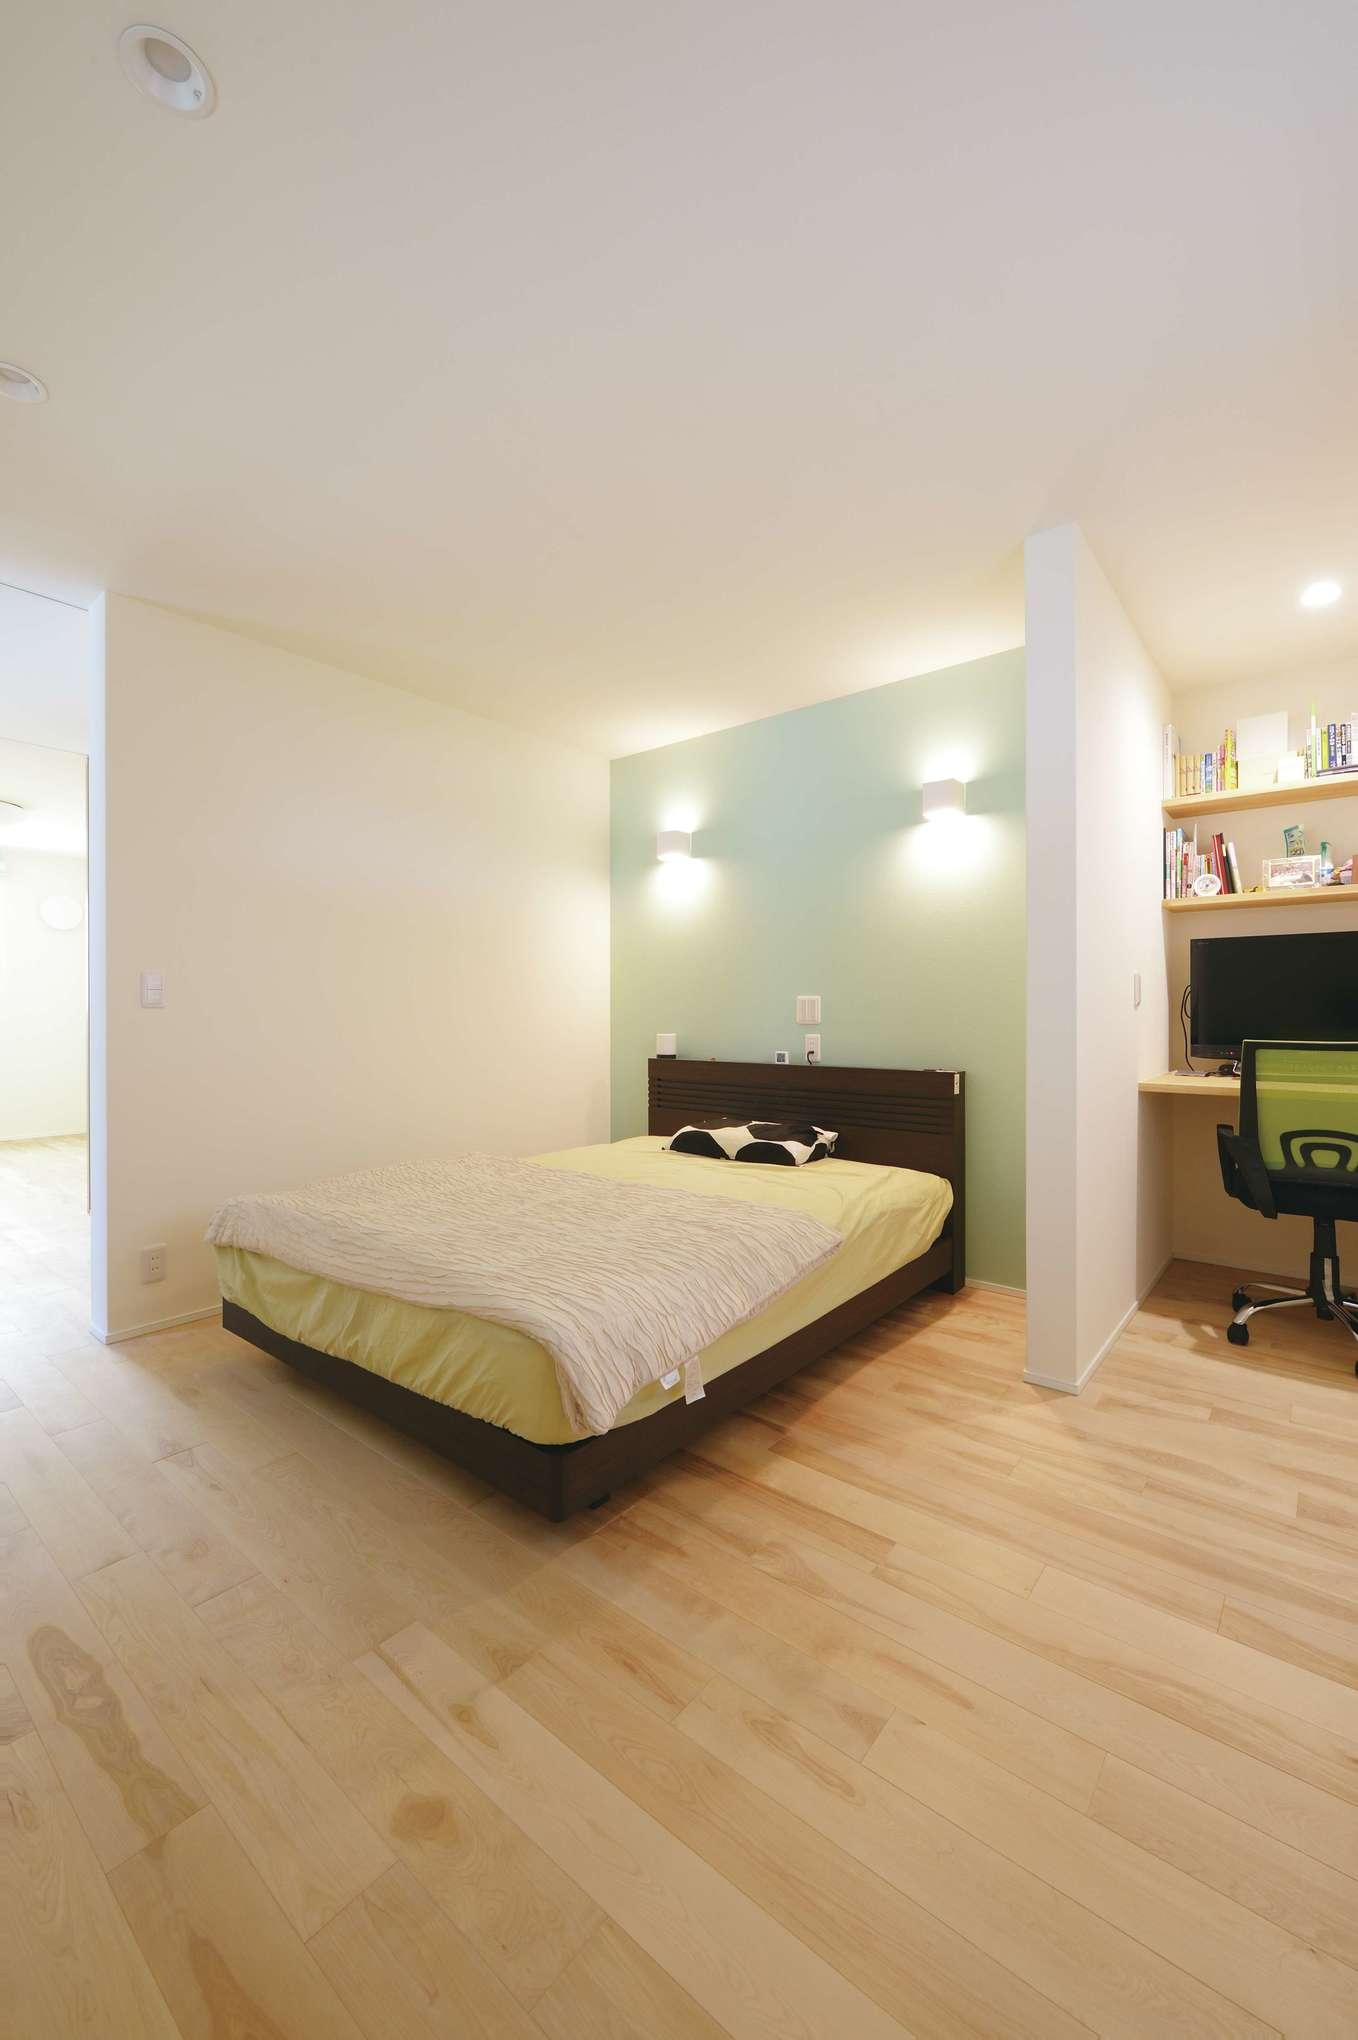 アクセントウォールがおしゃれな寝室。室温が一定だから、エアコンがなくても熟睡できる。すぐ隣にはご主人の書斎を併設